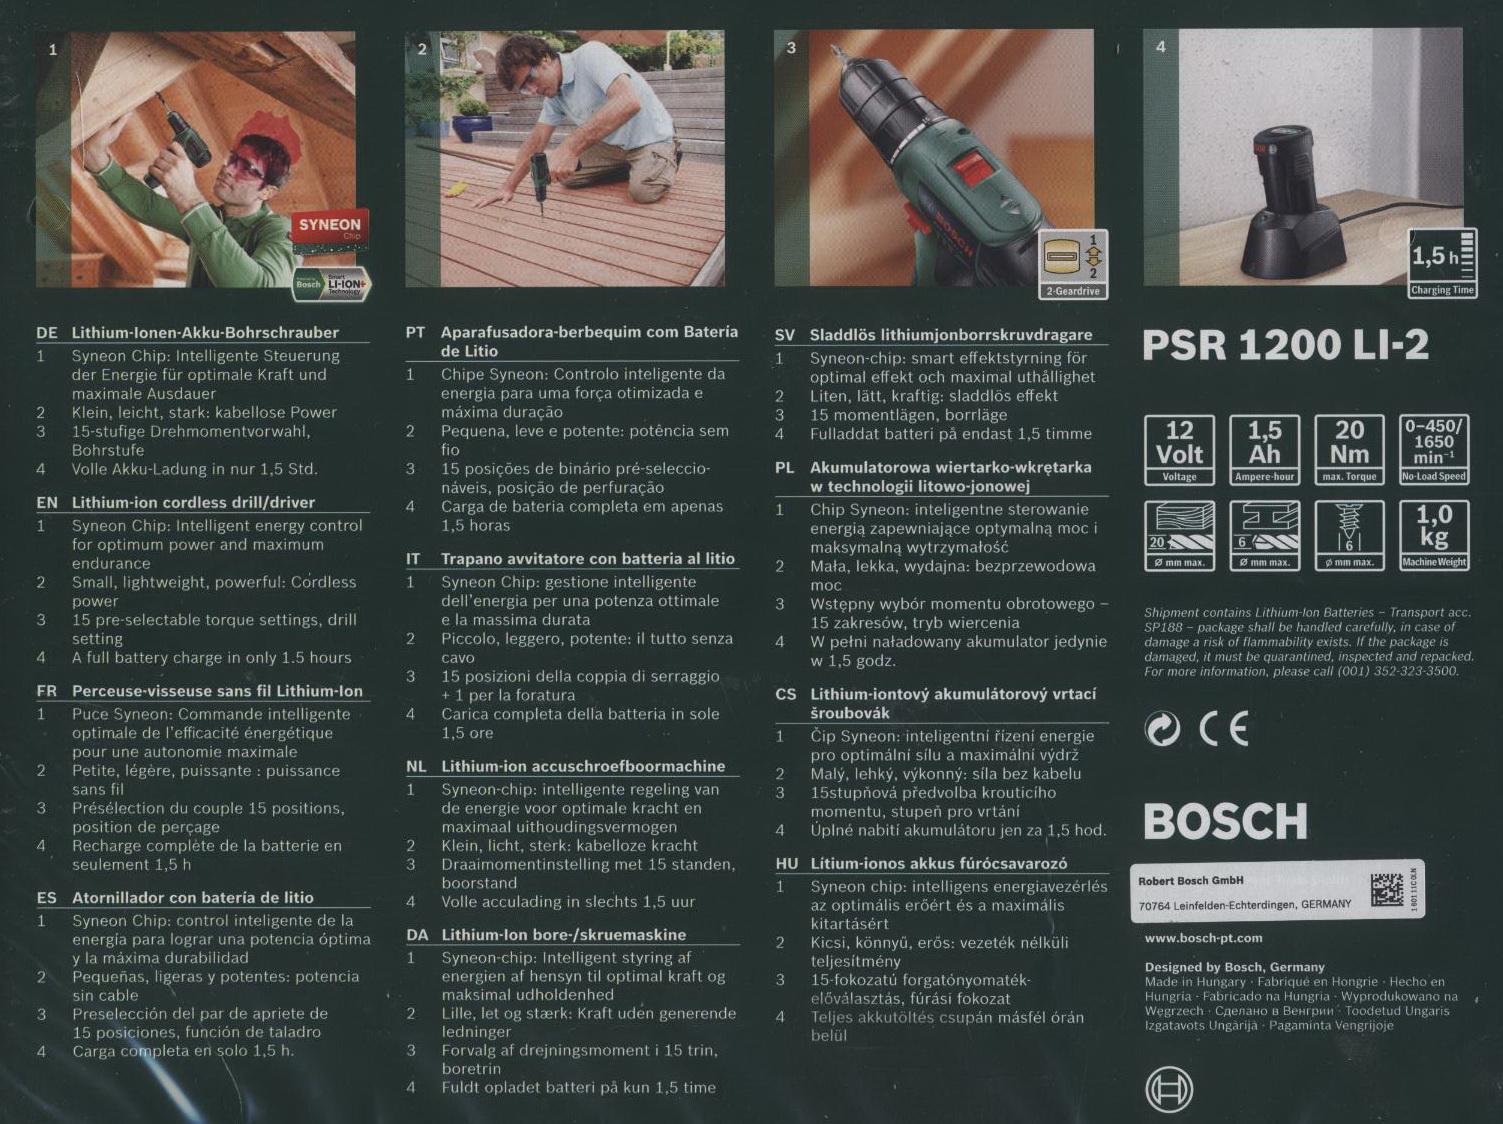 Bosch akku bohrschrauber psr 1200 li 2 inkl akku und ladeger t ebay - Bosch psr 1200 li 2 ...